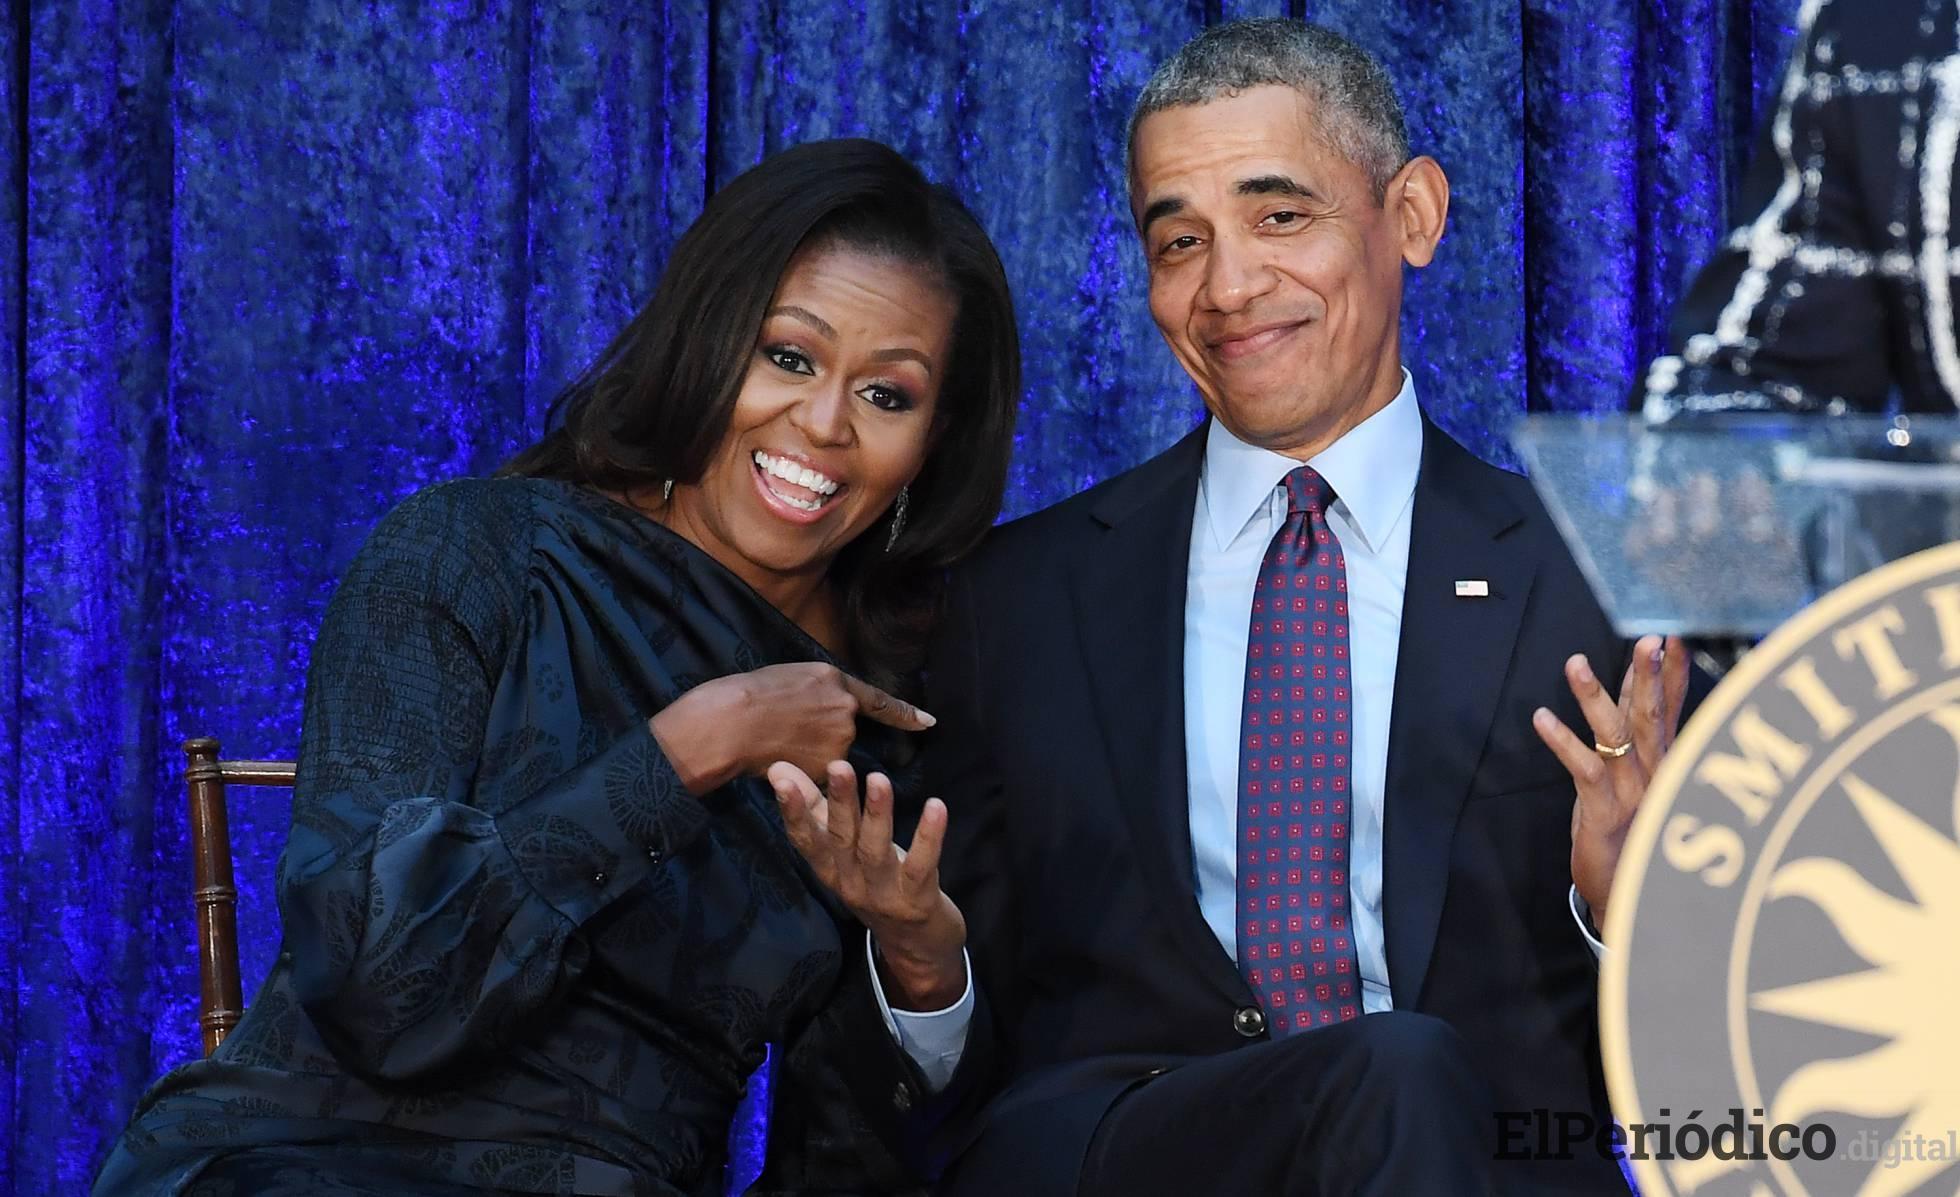 Michelle Obama difunde emotivo mensaje en las redes para felicitar a su esposo